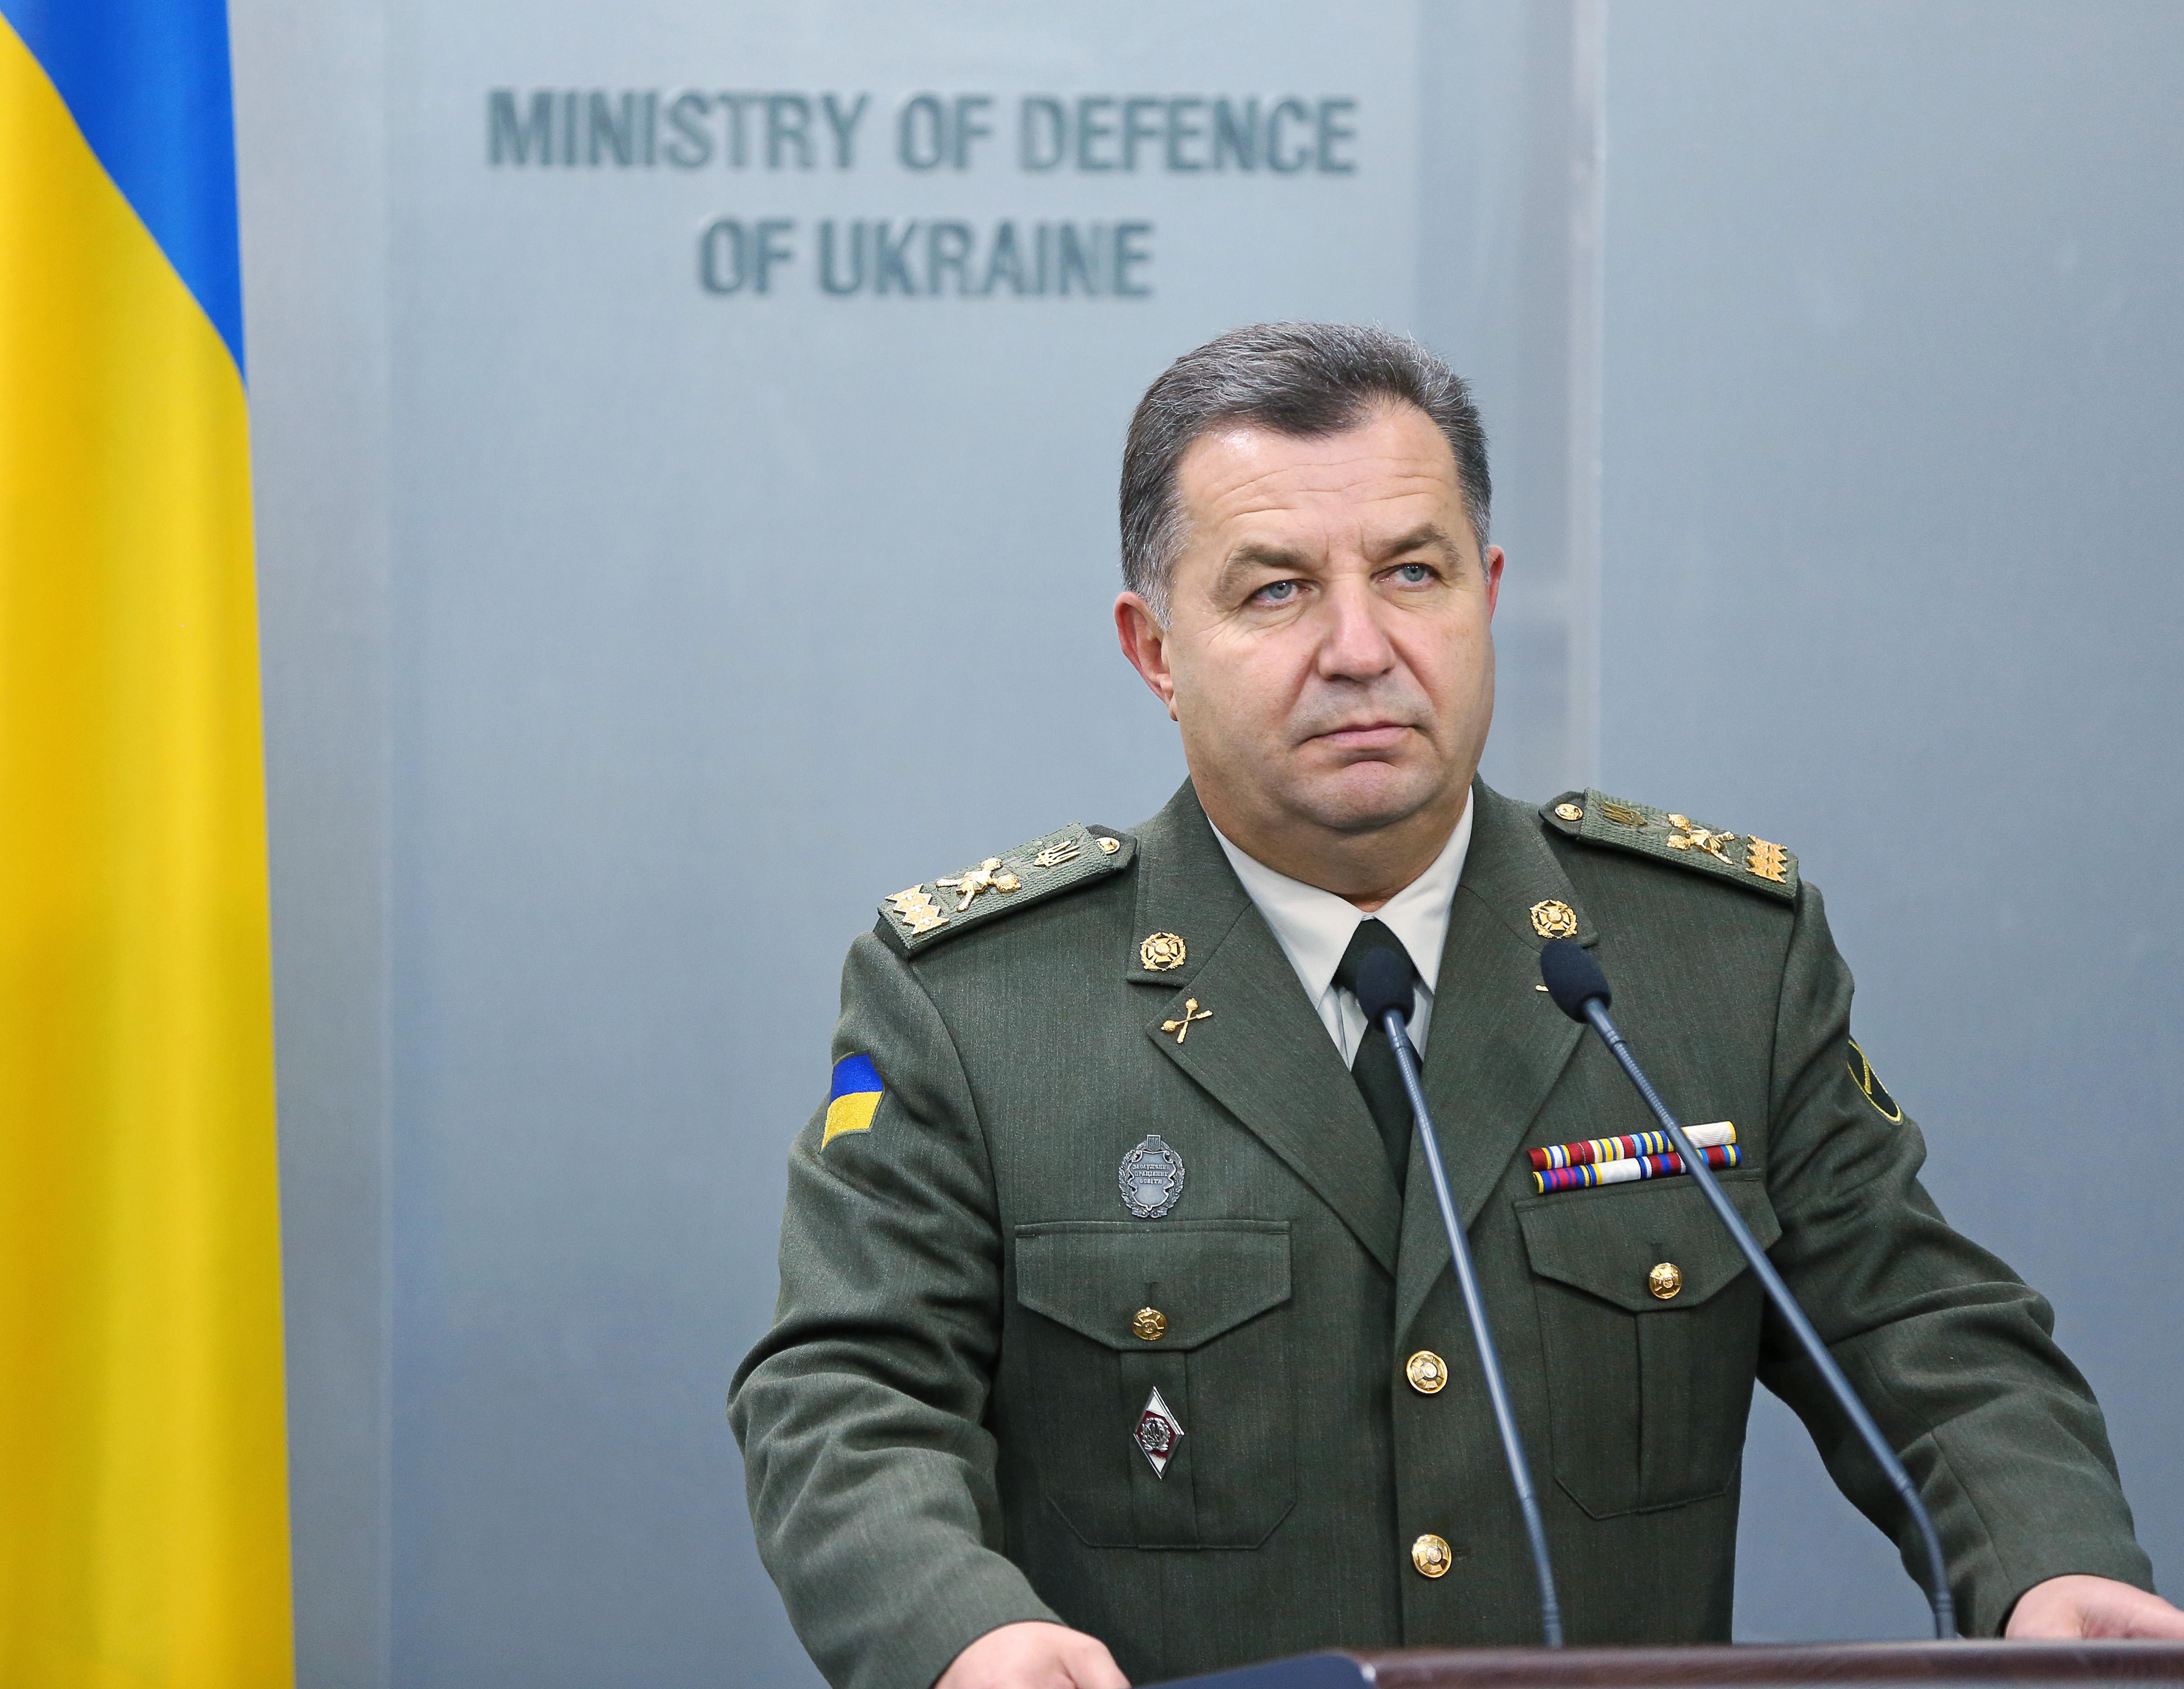 Нововведением станет то, что министр обороны и его заместители будут гражданскими лицами